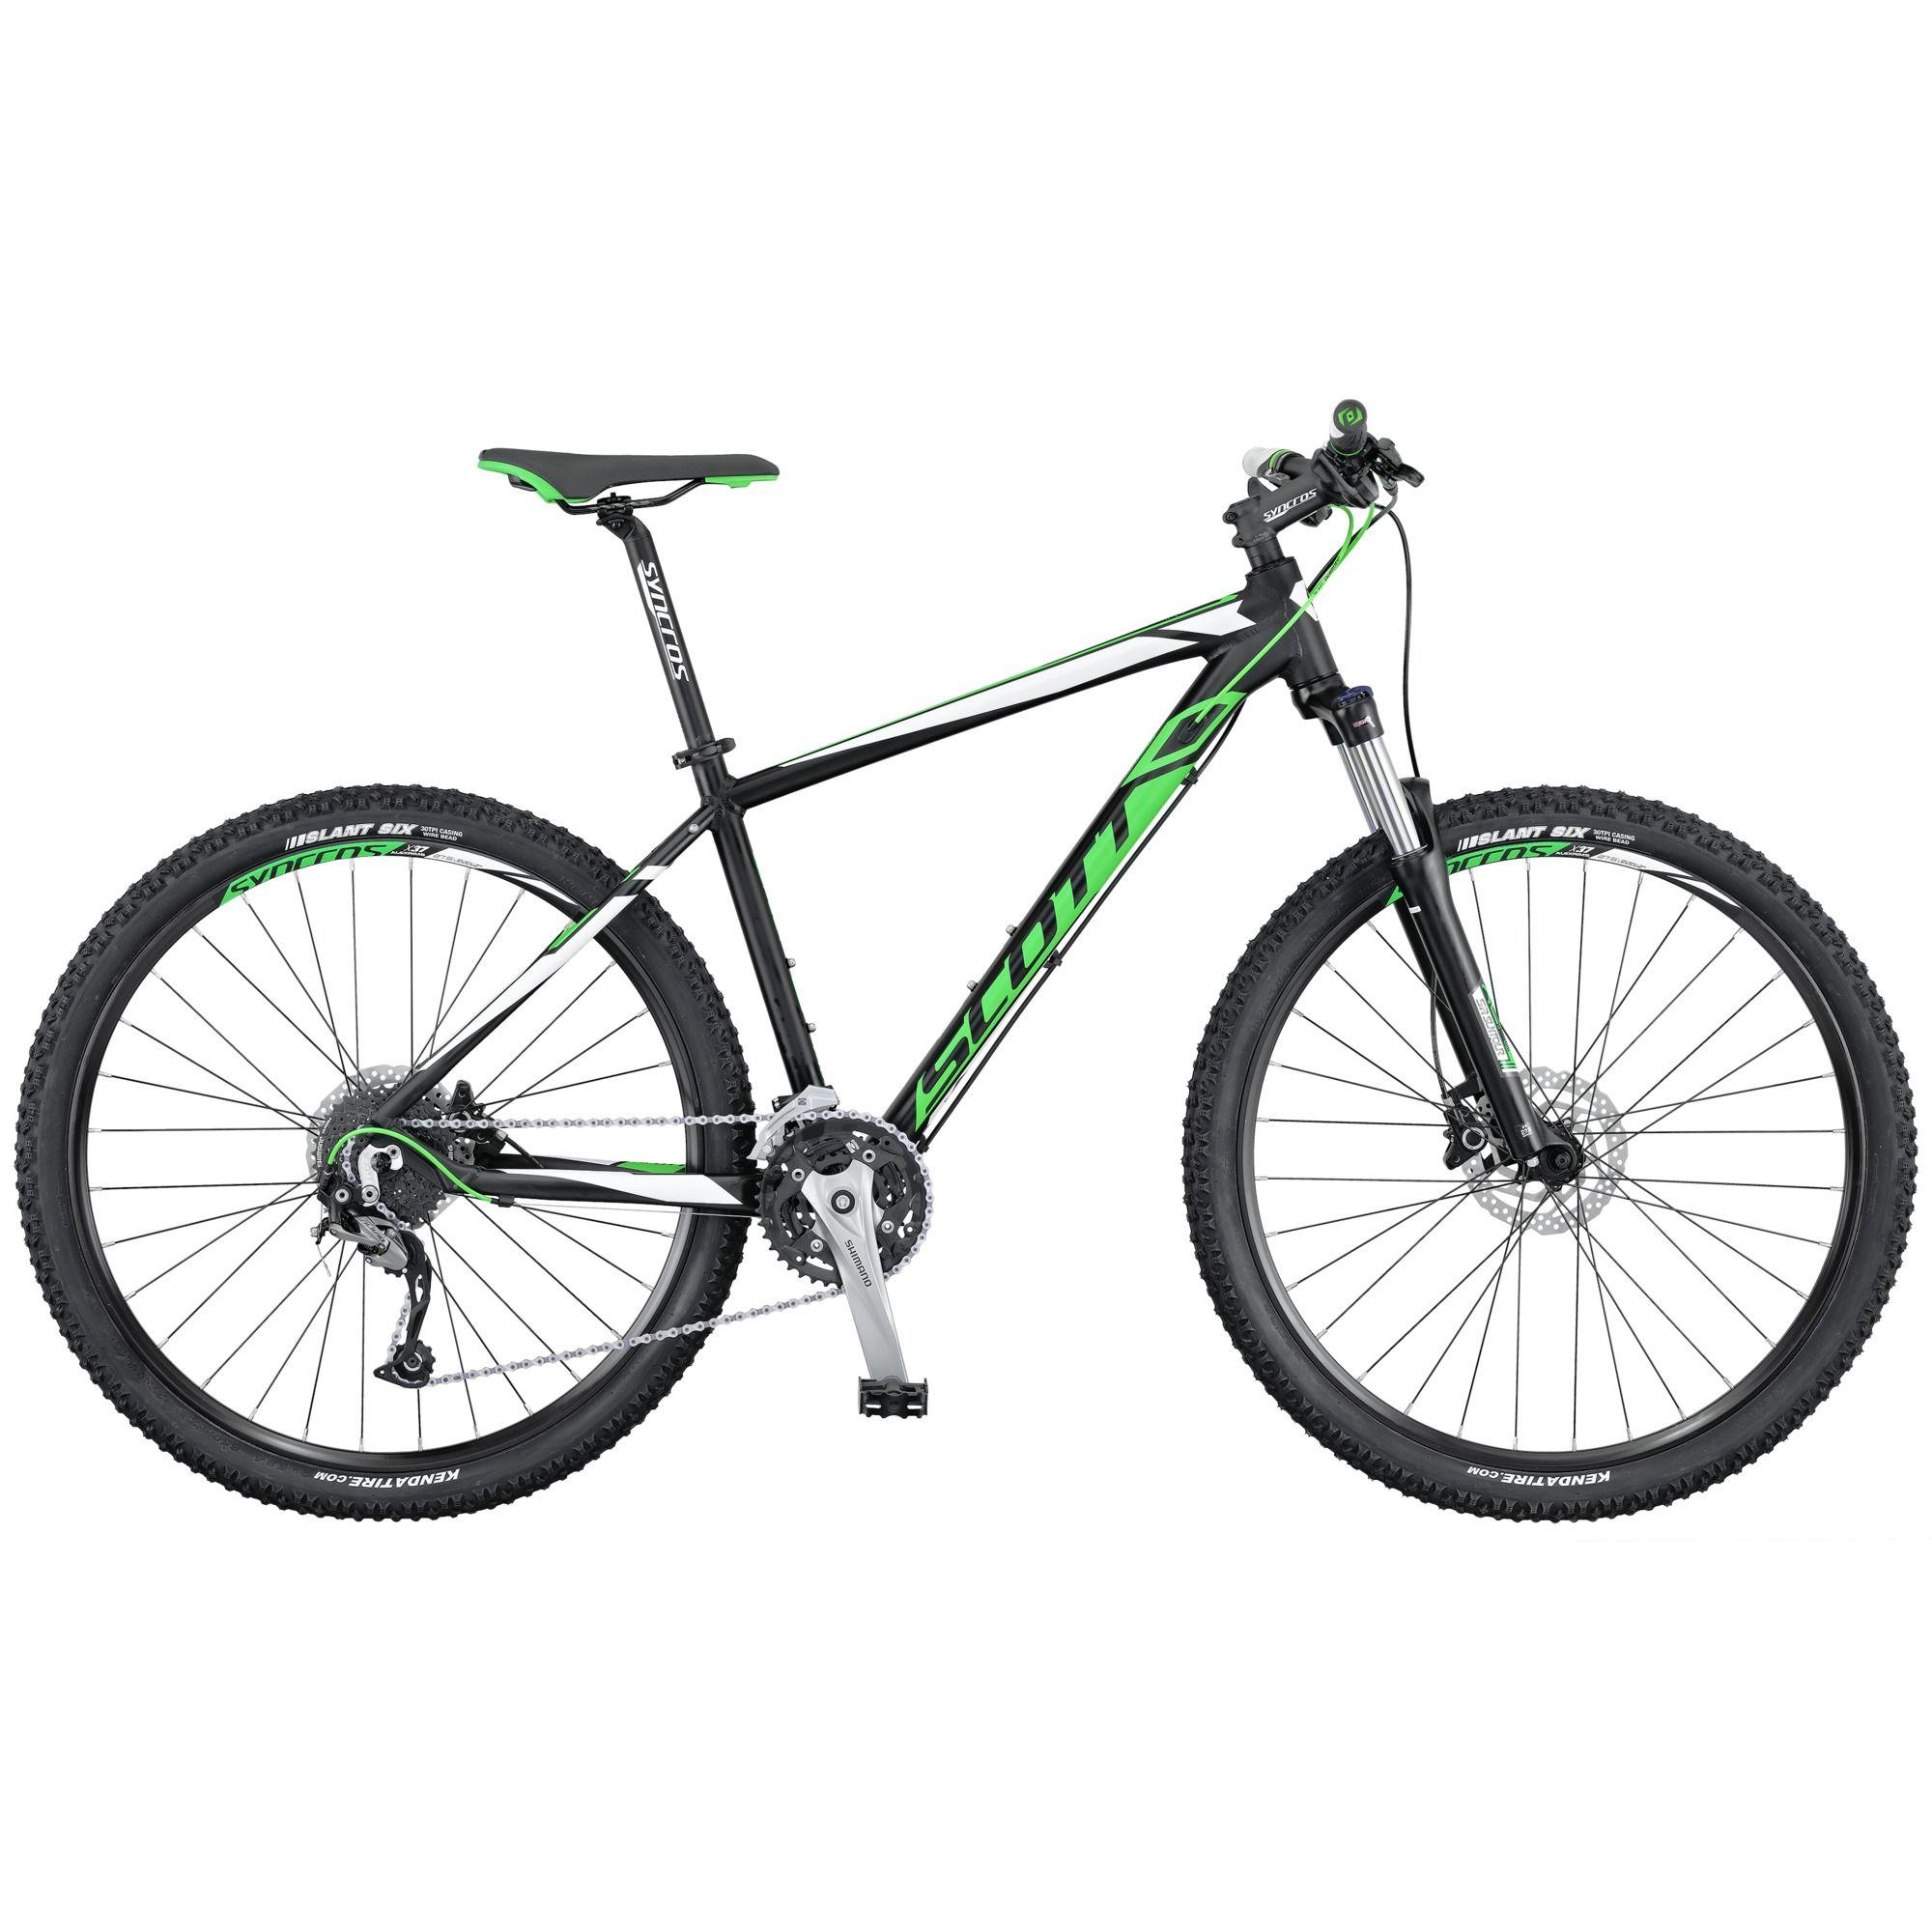 Велосипед ScottГорные<br>Если вы ищите качественный и долговечных горный велосипед для катания по лесным тропинкам и городским велодорожкам, то обратите внимание на Scott Aspect 740. Эта модель, оснащенная оборудованием высокого любительского уровня, способна стать верным другом для любителей велоспорта. Амортизационная вилка Suntour XCM-HLO оснащена функцией блокировки, что позволит вам сохранить силы при катании по ровным дорогам. Благодаря алюминиевой раме Scott Aspect 740 получился не только прочным, но и легким для своего класса велосипедов.<br><br>year: 2016<br>цвет: красный<br>пол: мужской<br>тип тормозов: дисковый гидравлический<br>диаметр колеса: 27.5<br>тип рамы: хардтейл<br>уровень оборудования: продвинутый<br>материал рамы: алюминий<br>тип амортизированной вилки: пружинно-масляная<br>длина хода вилки: от 100 до 150 мм<br>тип заднего амортизатора: без амортизатора<br>количество скоростей: 27<br>блокировка амортизатора: да<br>рулевая колонка: GW 1SI110 OE integ.<br>вынос: Syncros M3.0, HL-D507A<br>руль: Syncros M3.0, ширина 720 мм, подъем 12 мм, 31.8 мм, 9°<br>передний тормоз: Shimano BR-M355, SM-RT20 CL Rotor, диаметр ротора 160 мм<br>задний тормоз: Shimano BR-M355, SM-RT20 CL Rotor, диаметр ротора 160 мм<br>тормозные ручки: Shimano BL-M355<br>цепь: KMC X9<br>система: Shimano FC-M3000, 40x30x22T<br>каретка: Shimano BB-UN 26, Cartridge Type<br>педали: Wellgo M-141SDU<br>ободья: Syncros X-37 Disc, 32H<br>передняя втулка: Formula CL51<br>задняя втулка: Shimano FH-RM 33-CL<br>спицы: 14 G, stainless<br>передняя покрышка: Kenda Slant 6, 30TPI, 27.5 x 2.1<br>задняя покрышка: Kenda Slant 6, 30TPI, 27.5 x 2.1<br>седло: Syncros M2.5<br>подседельный штырь: Syncros M3.0, 27.2mm<br>кассета: Shimano CS-HG200-9, 11-34T<br>передний переключатель: Shimano FD-M3000 / 31.8mm<br>задний переключатель: Shimano Alivio RD-M4000, 27 Speed<br>манетки: Shimano SL-M370-9R, R-fire plus<br>вес: 14.5 кг<br>рама: Aspect 700 series, Alloy 6061 Performance geometry, Internal cable routing